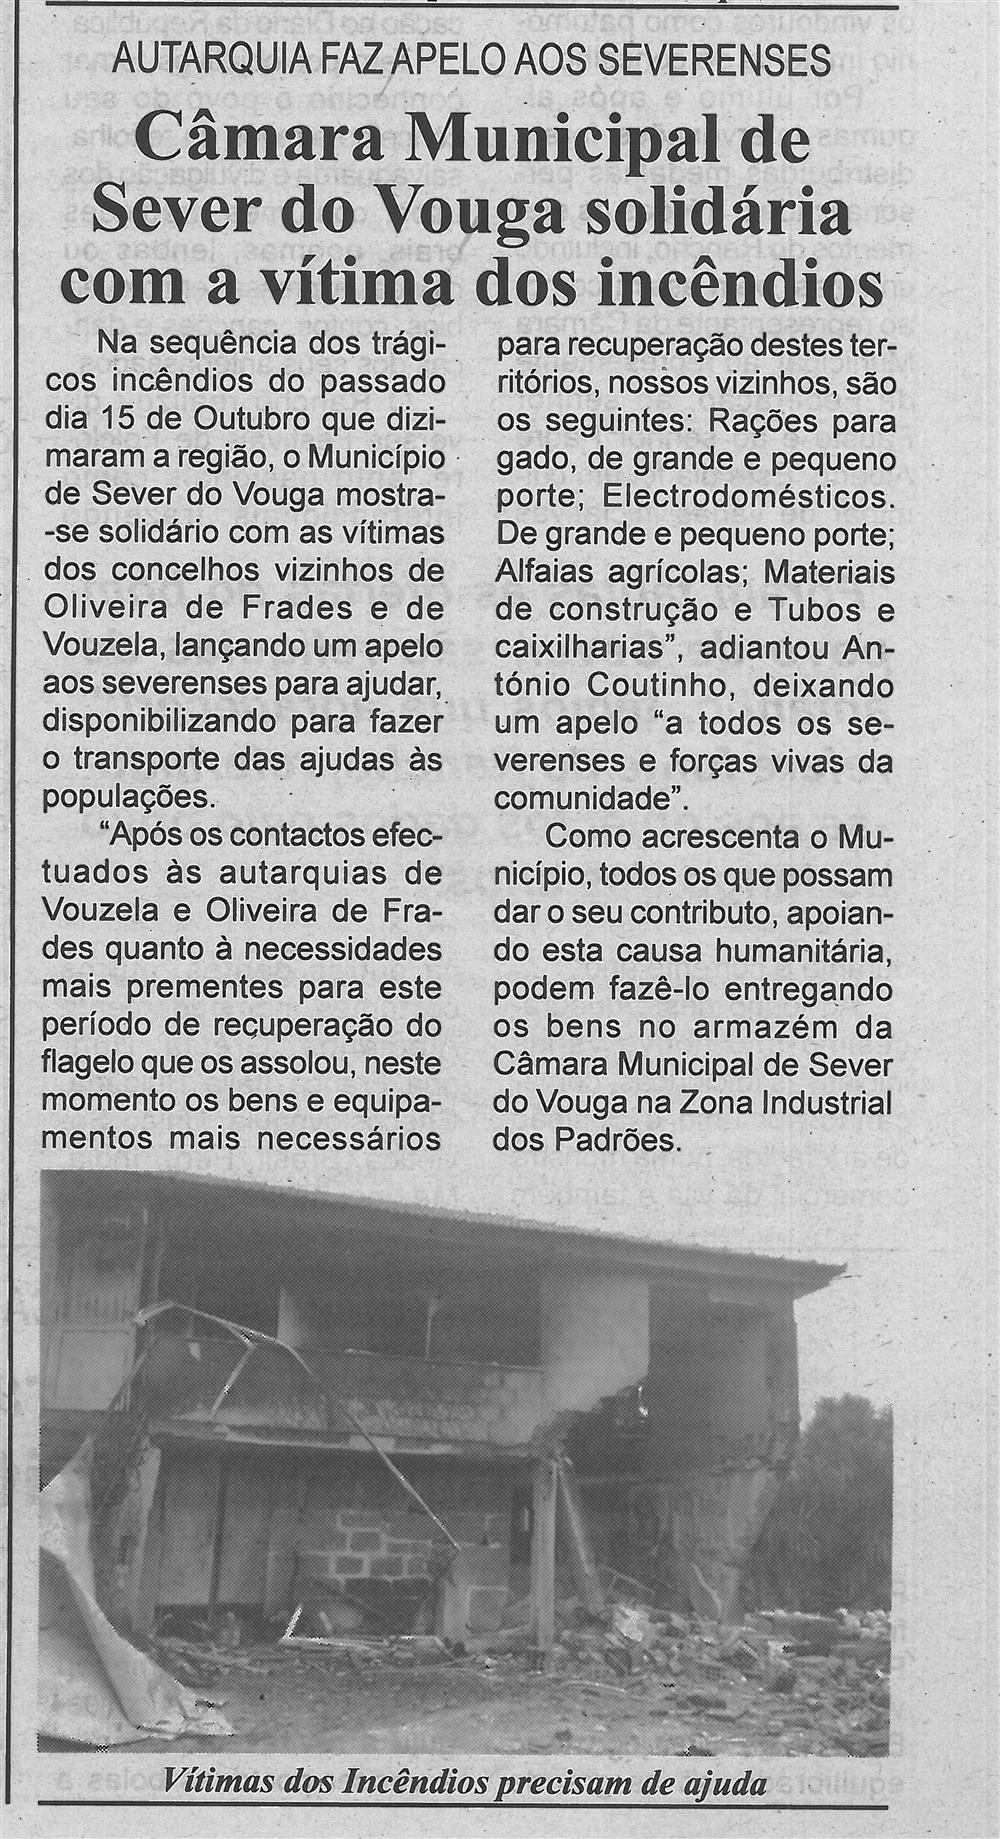 BV-1.ªnov.'17-p.5-Câmara Municipal de Sever do Vouga solidária com a vítima dos incêndios : autarquia faz apelo aos severenses.jpg